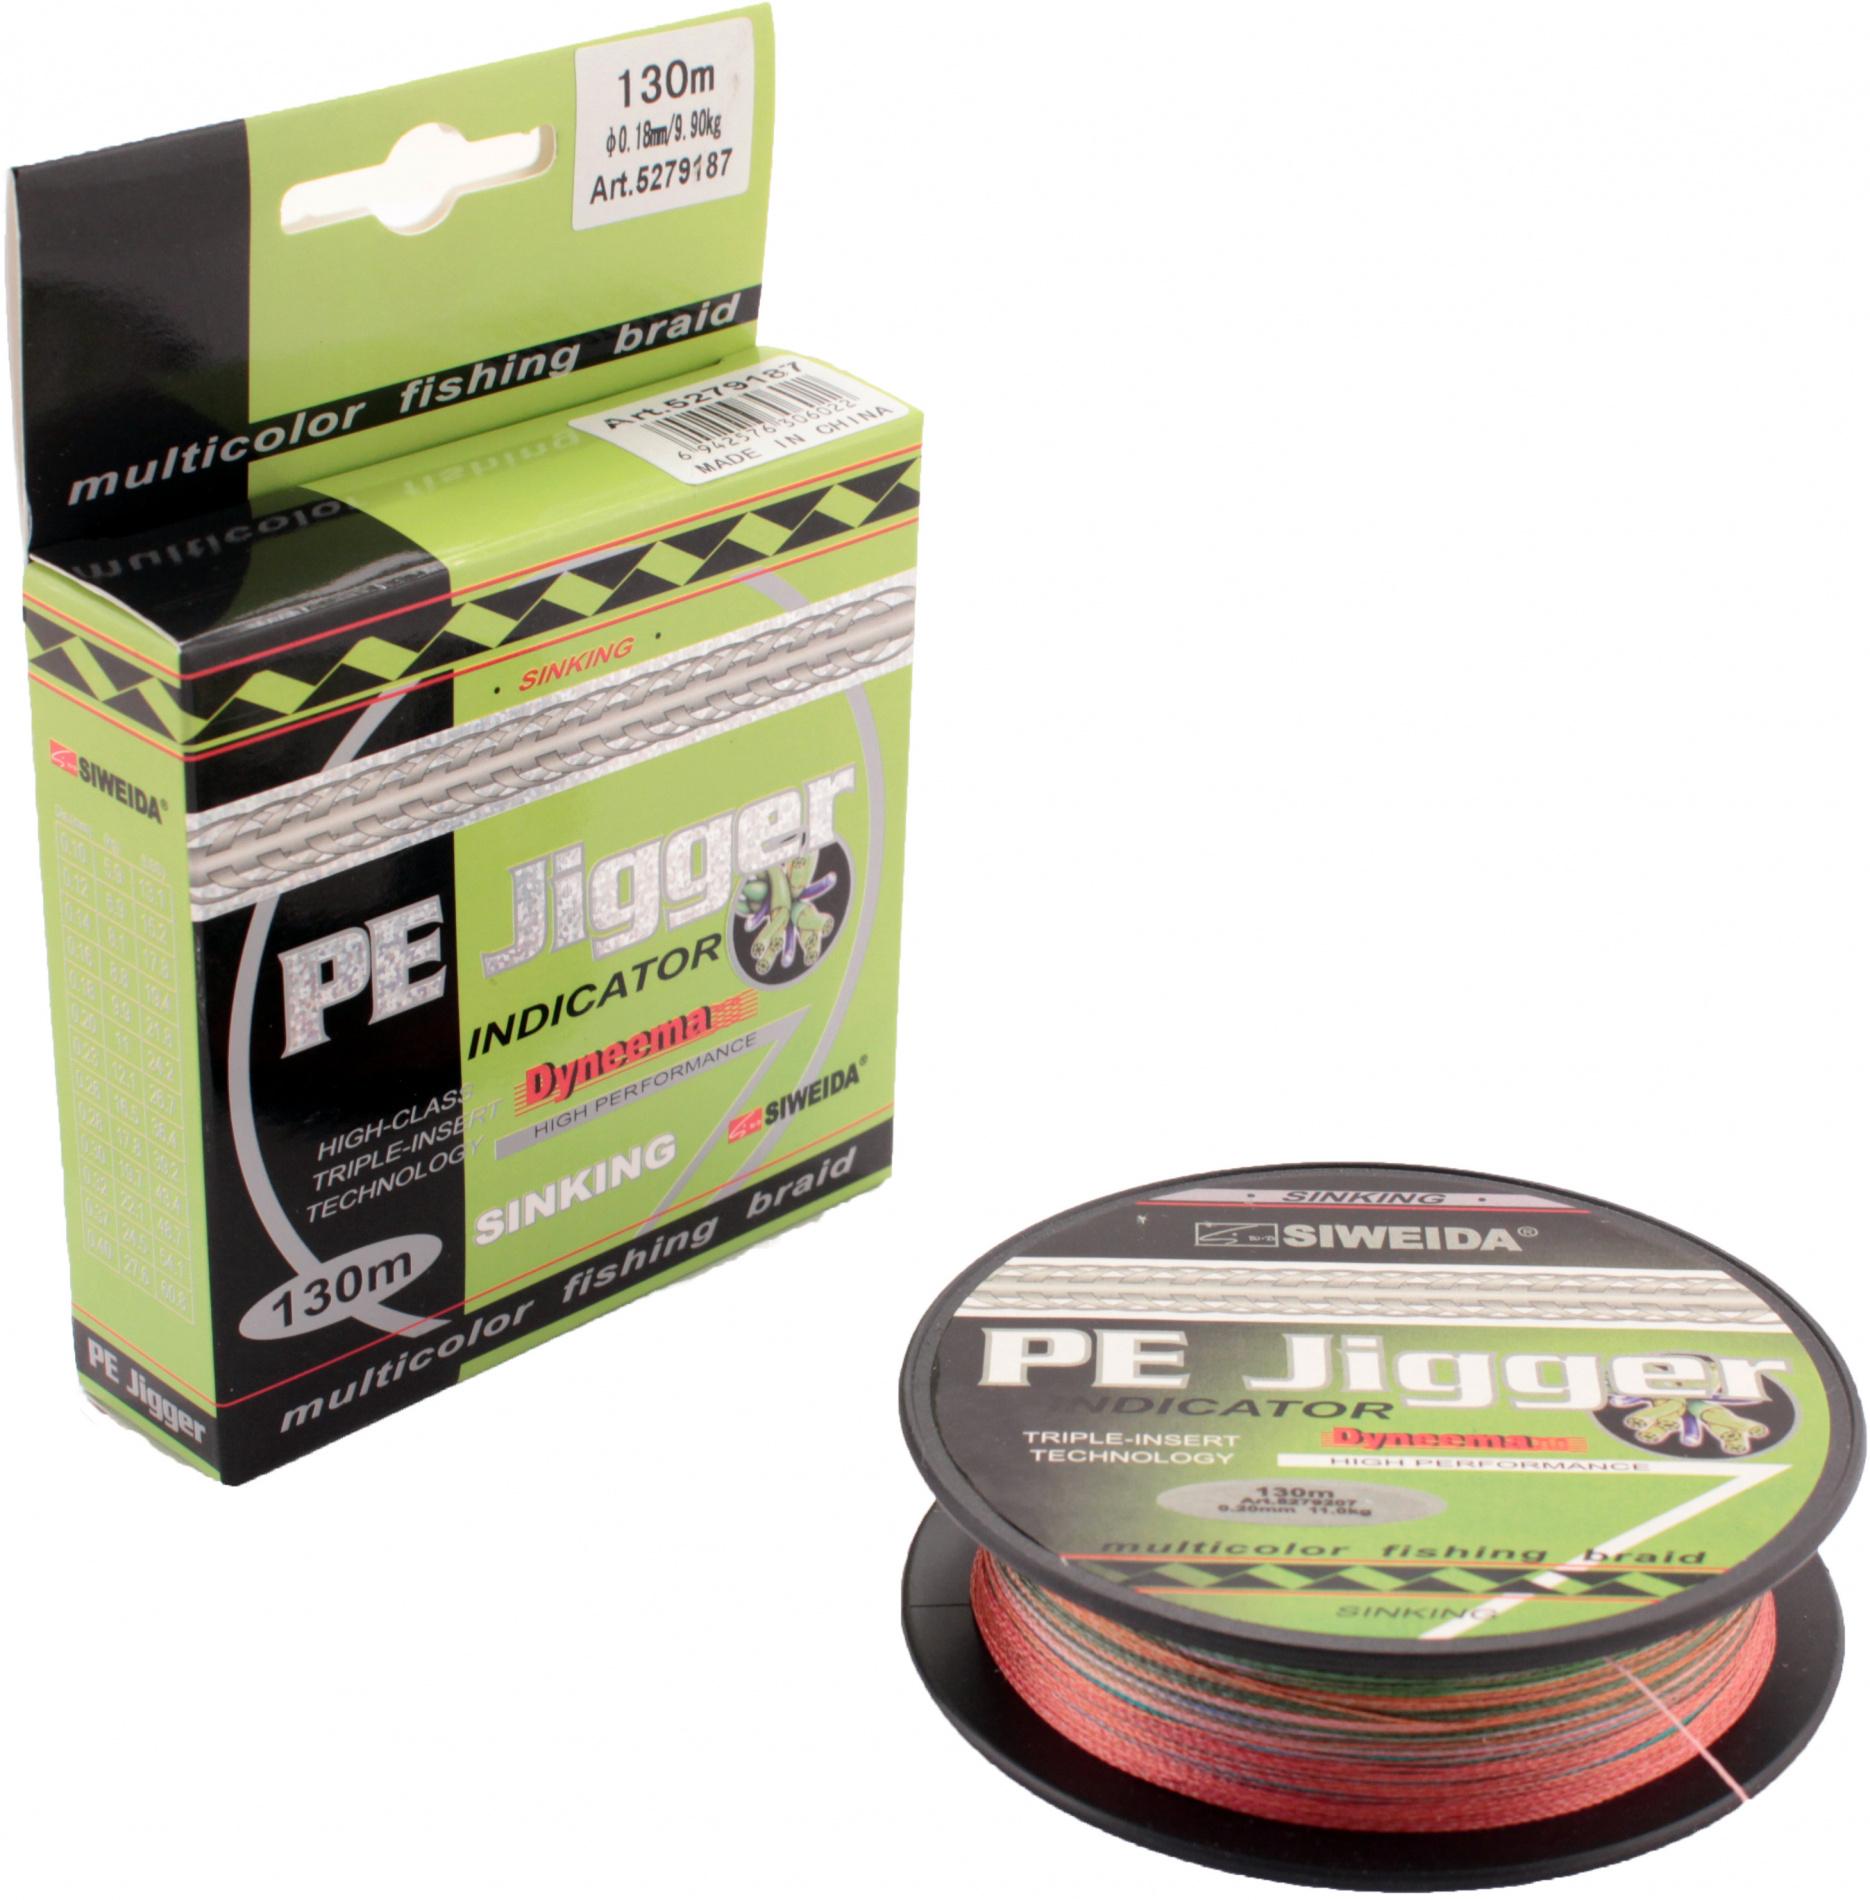 Леска плетеная SWD PE JIGGER INDICATOR 0,28 130м multicolor Леска плетеная<br>Пятицветный тонущий плетеный шнур, изготовленный <br>из волокна DYNEEMA, сечением 0,28мм (разрывная <br>нагрузка 17,80кг) и длиной 130м. Благодаря микроволокнам <br>полиэтилена (Super PE) шнур имеет очень плотное <br>плетение, не впитывает воду, имеет гладкую <br>поверхность и одинаковое сечение по всей <br>длине. Отличается практически нулевой растяжимостью, <br>что позволяет полностью контролировать <br>спиннинговую приманку. Длина куска одного <br>цвета - 10м. Это позволяет рыболовам точно <br>контролировать дальность заброса приманки. <br>Подходит для всех видов ловли хищника.<br>